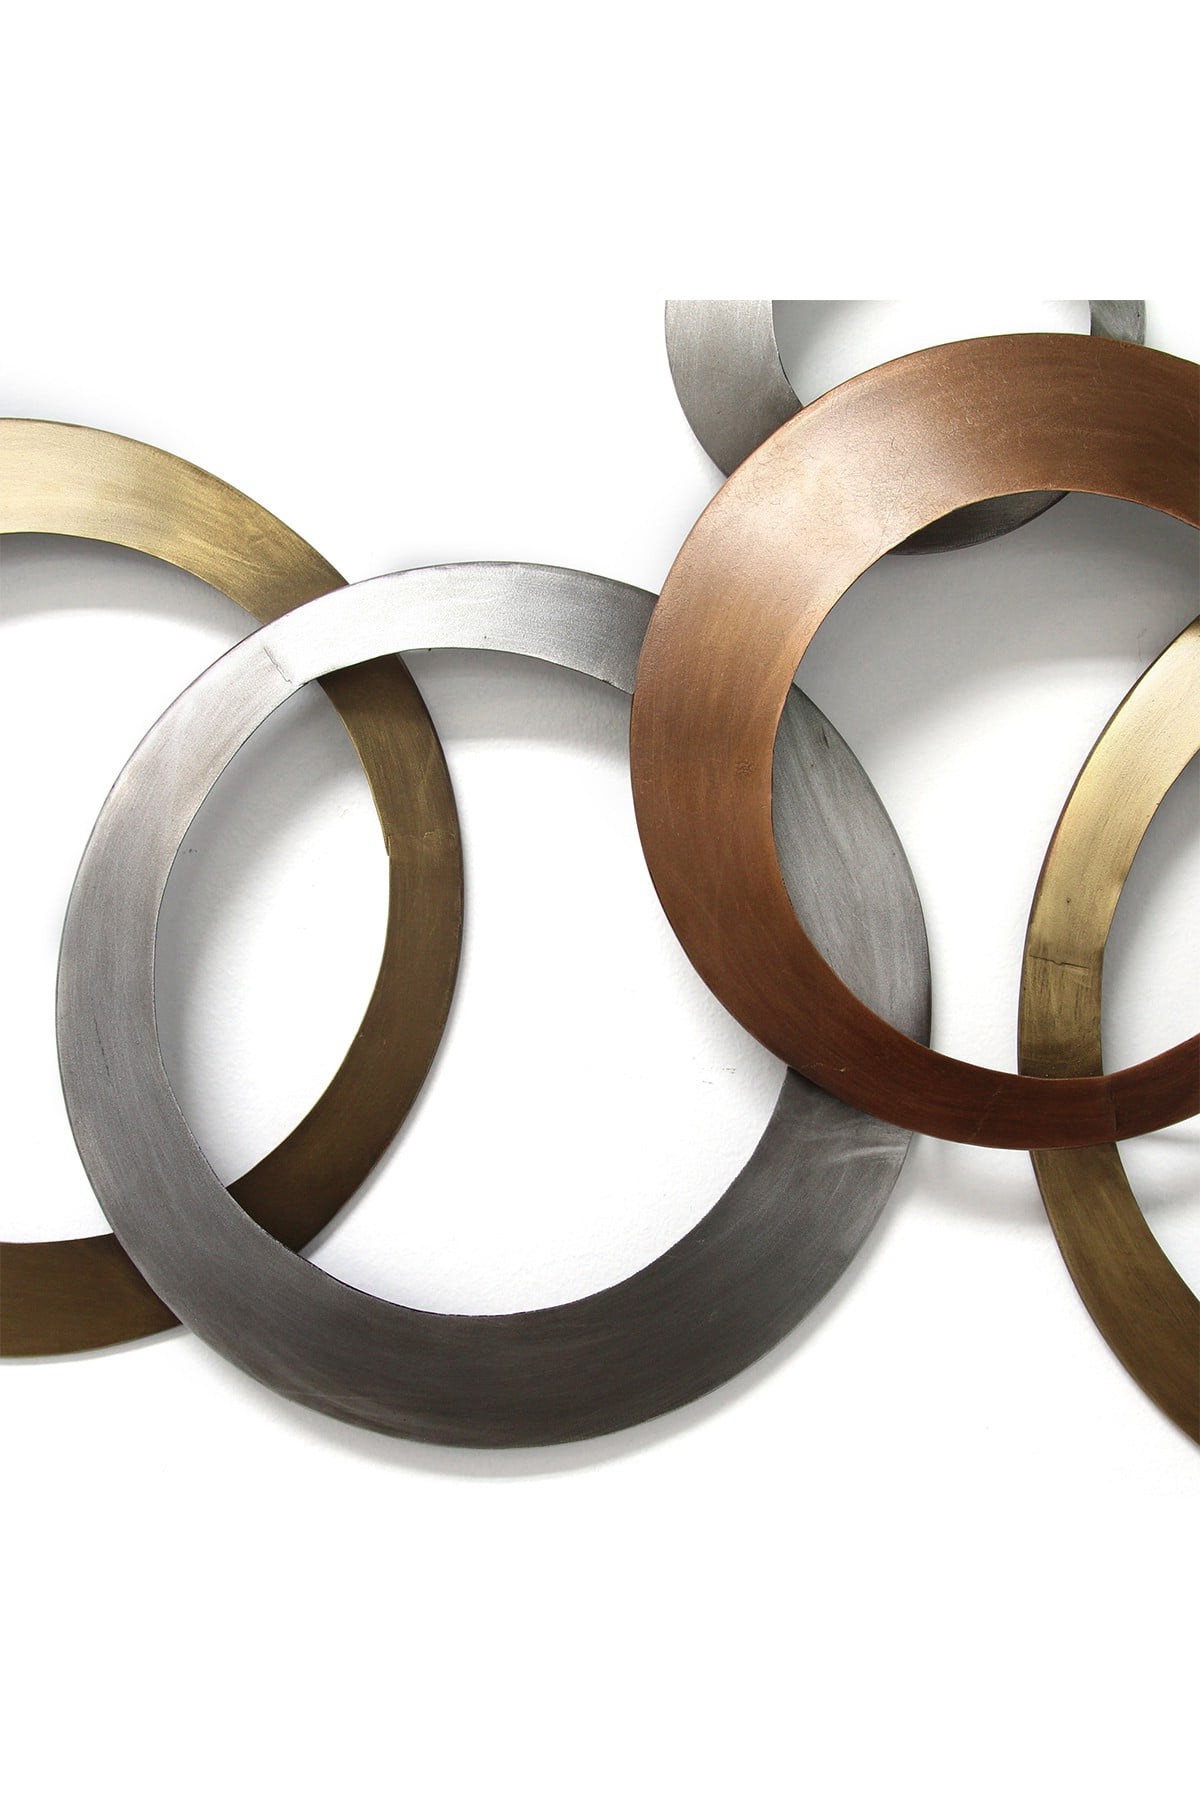 Multi Metallic Rings Wall Decor (View 10 of 20)